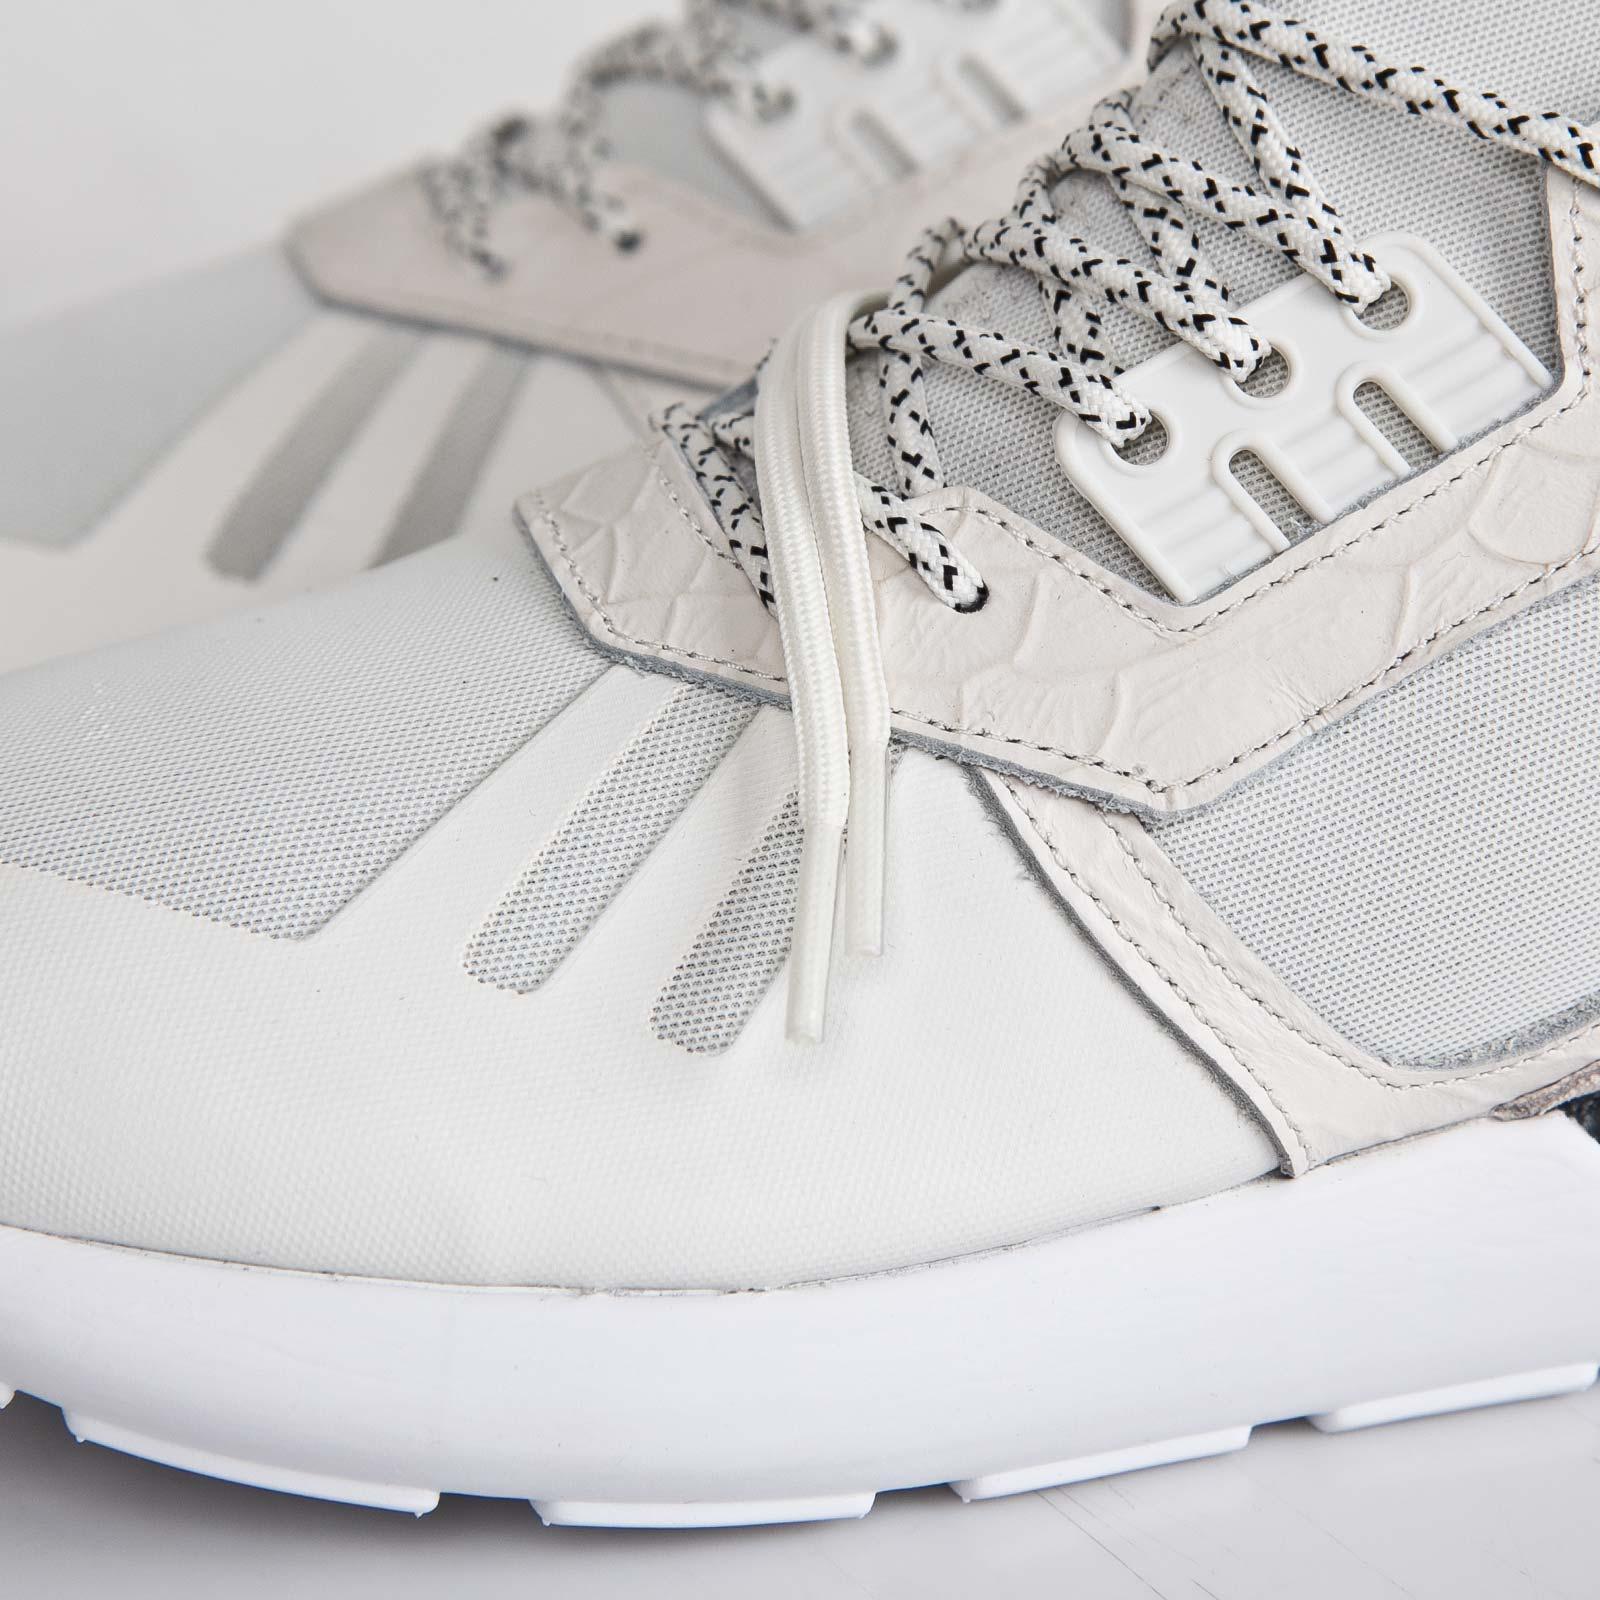 adidas tubular white consortium